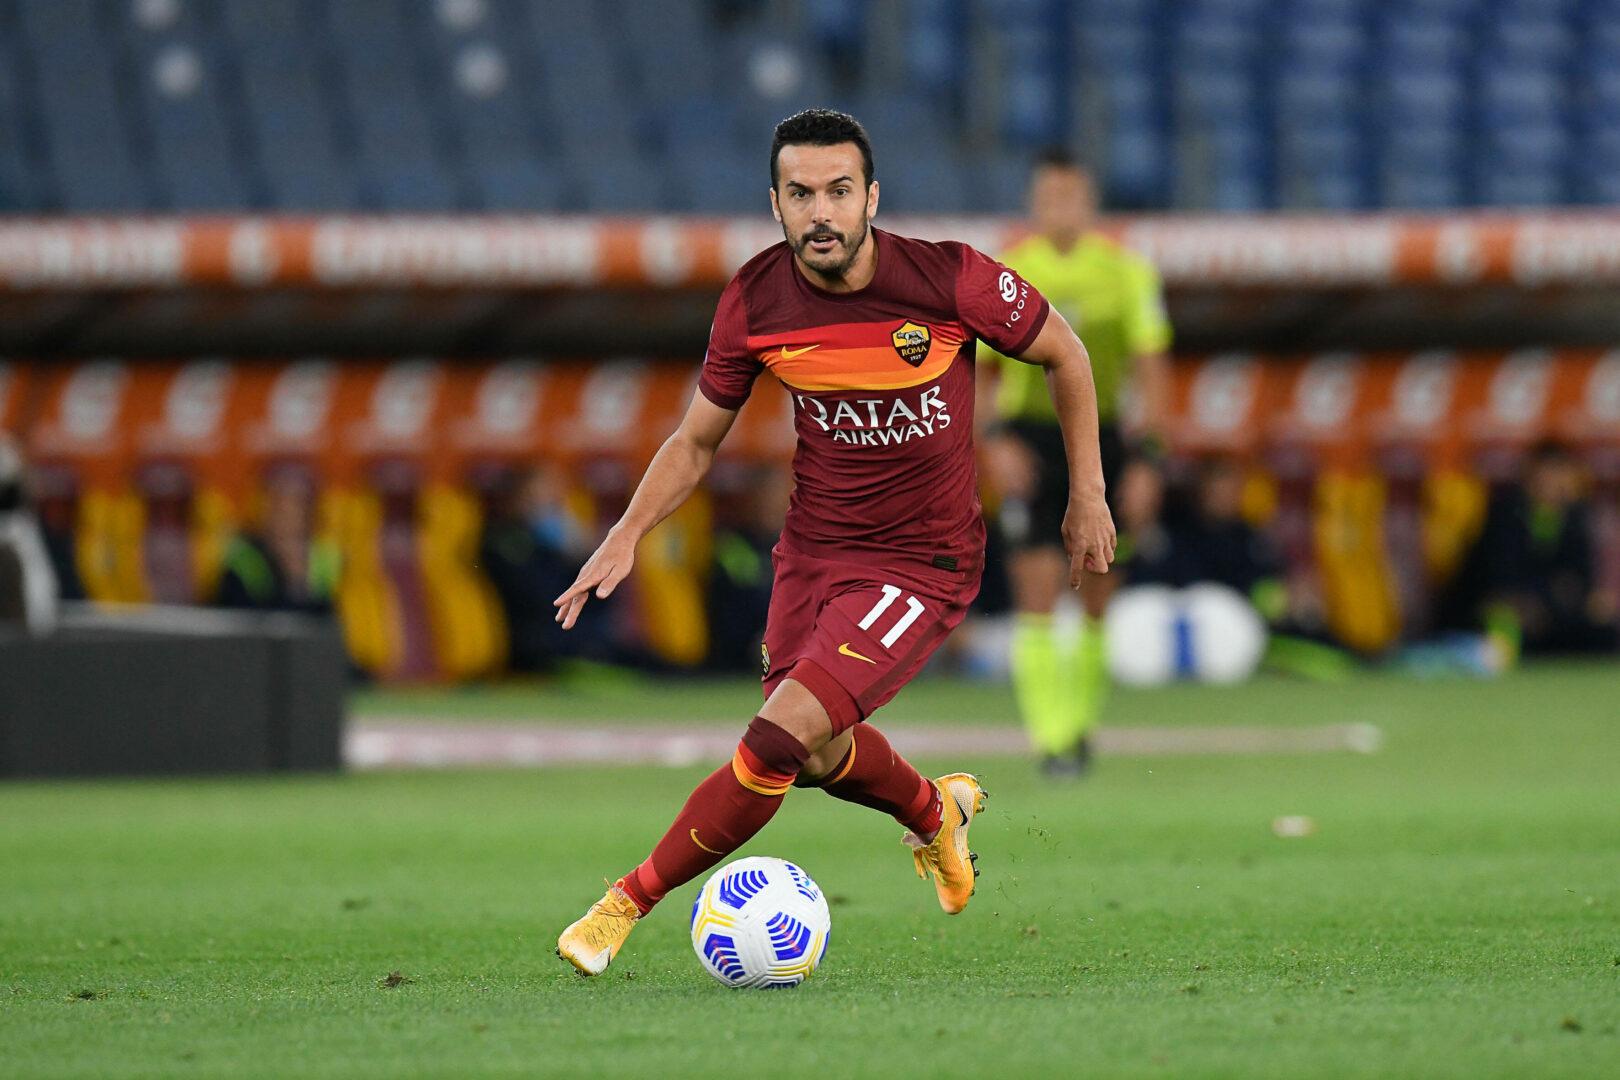 Pedro von der AS Roma beim Dribbling